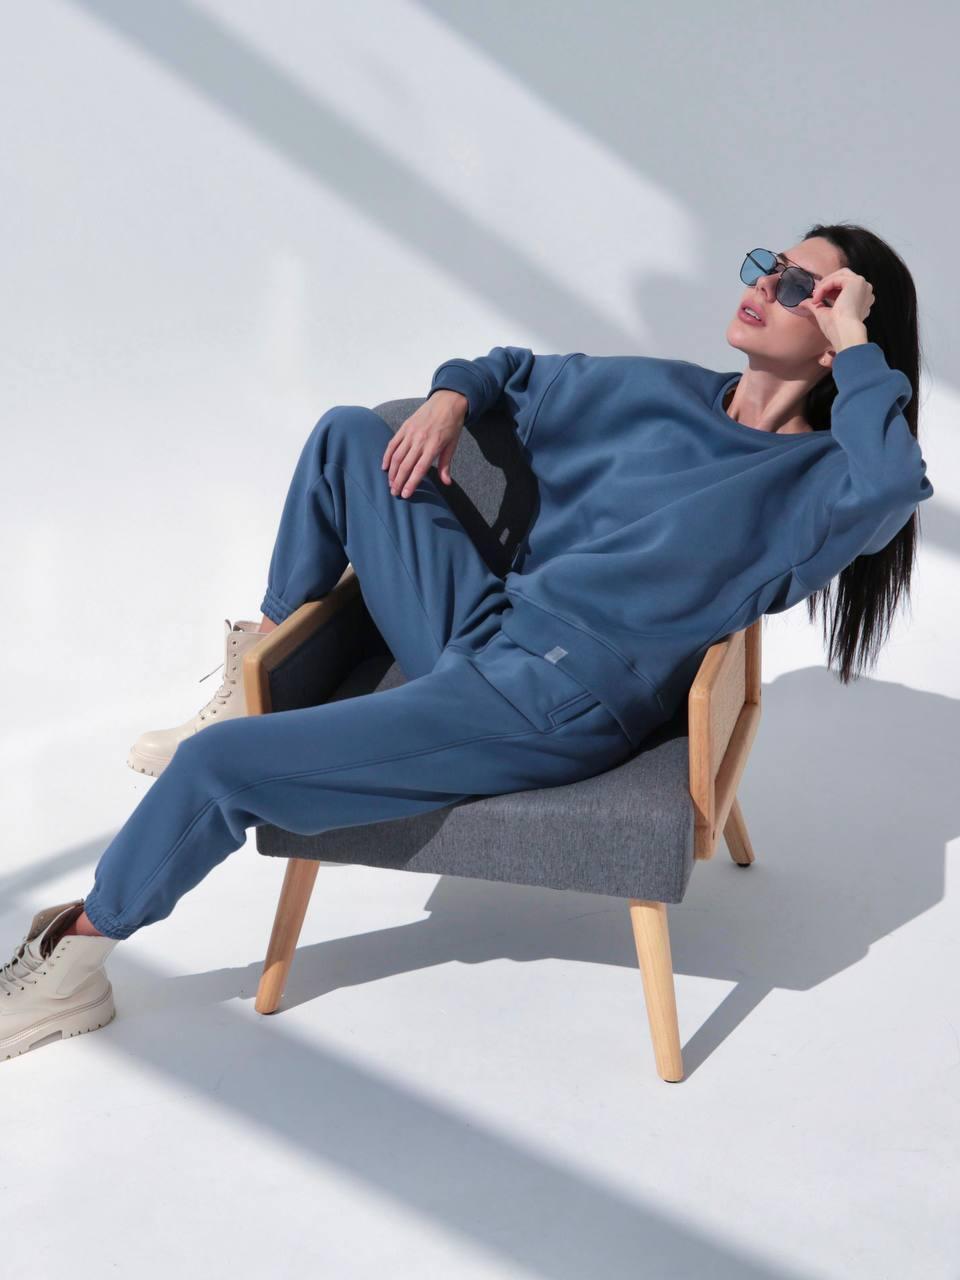 Костюм спортивний теплий світшот і штани на флісі синій XS-S